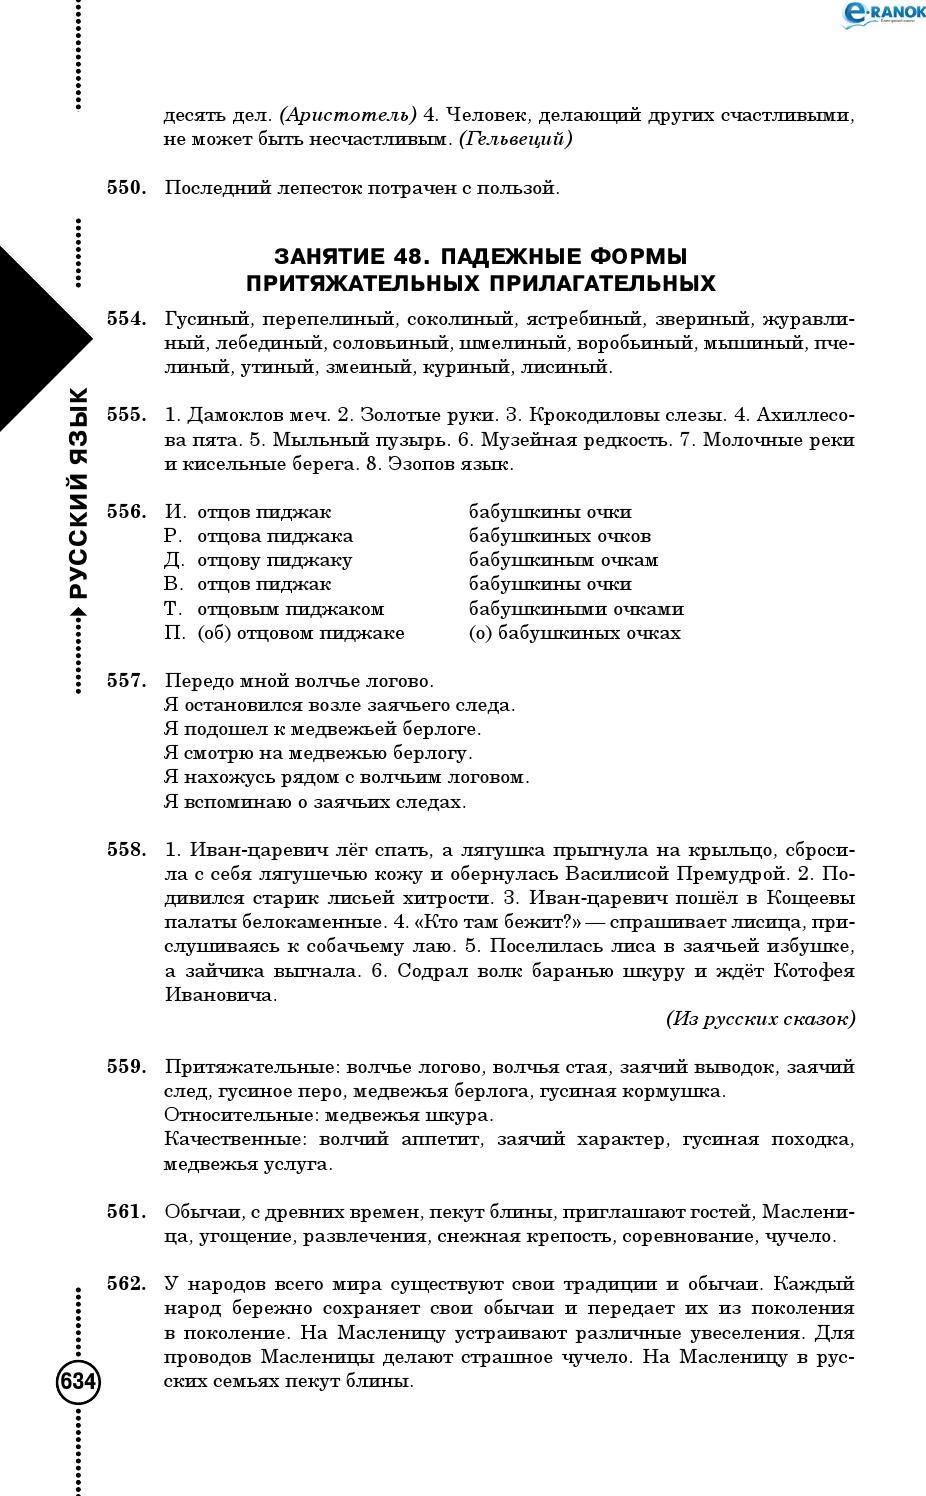 гдз русский язык 6 класс дегтярева лебеденко